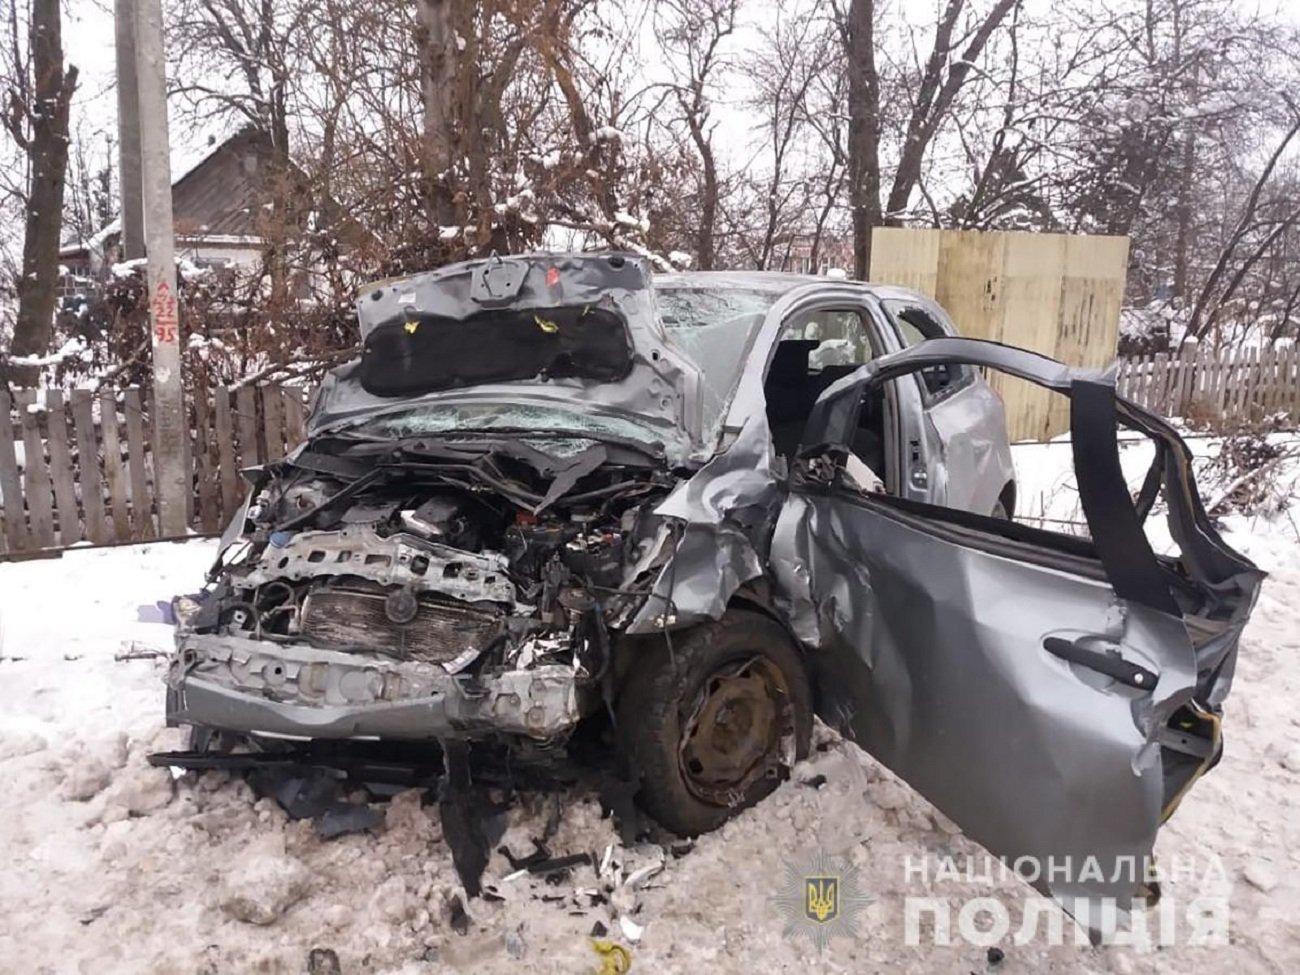 Троє жителів Хмельниччини загинули у ДТП під Житомиром, фото-1